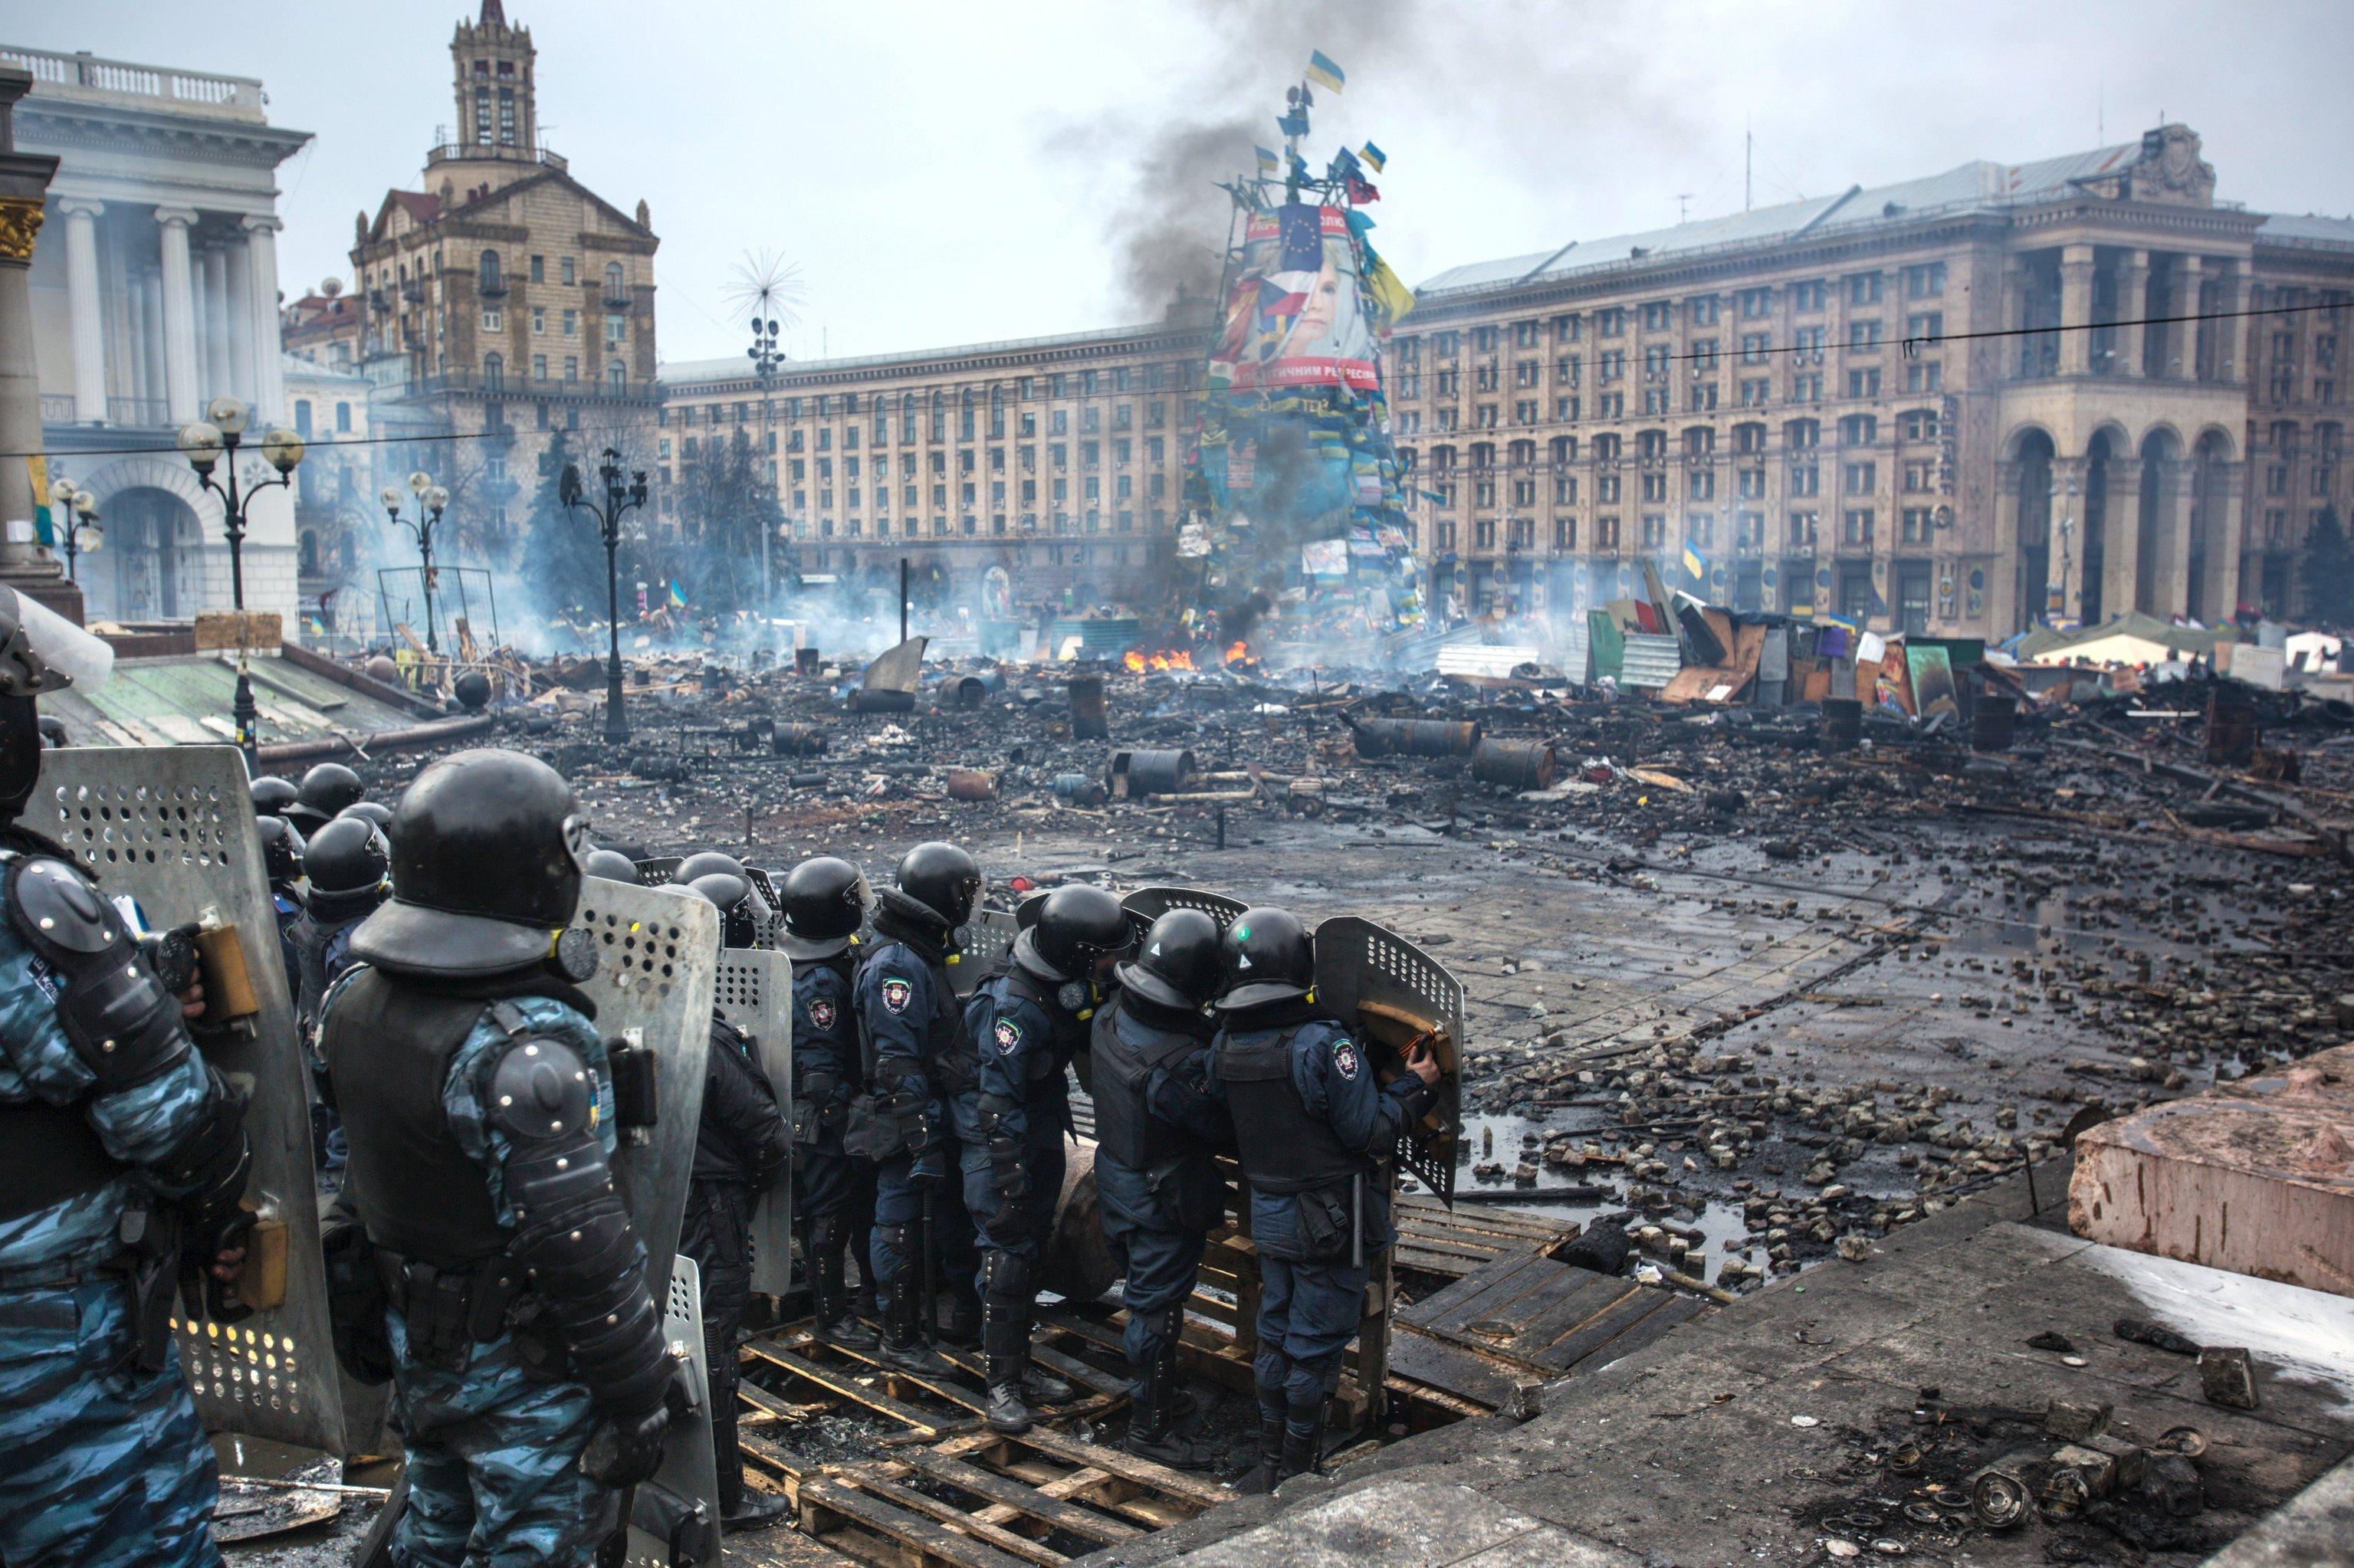 Что, обманули вас на Майдане, развели? Отвечать за свое лоховство не хочется?